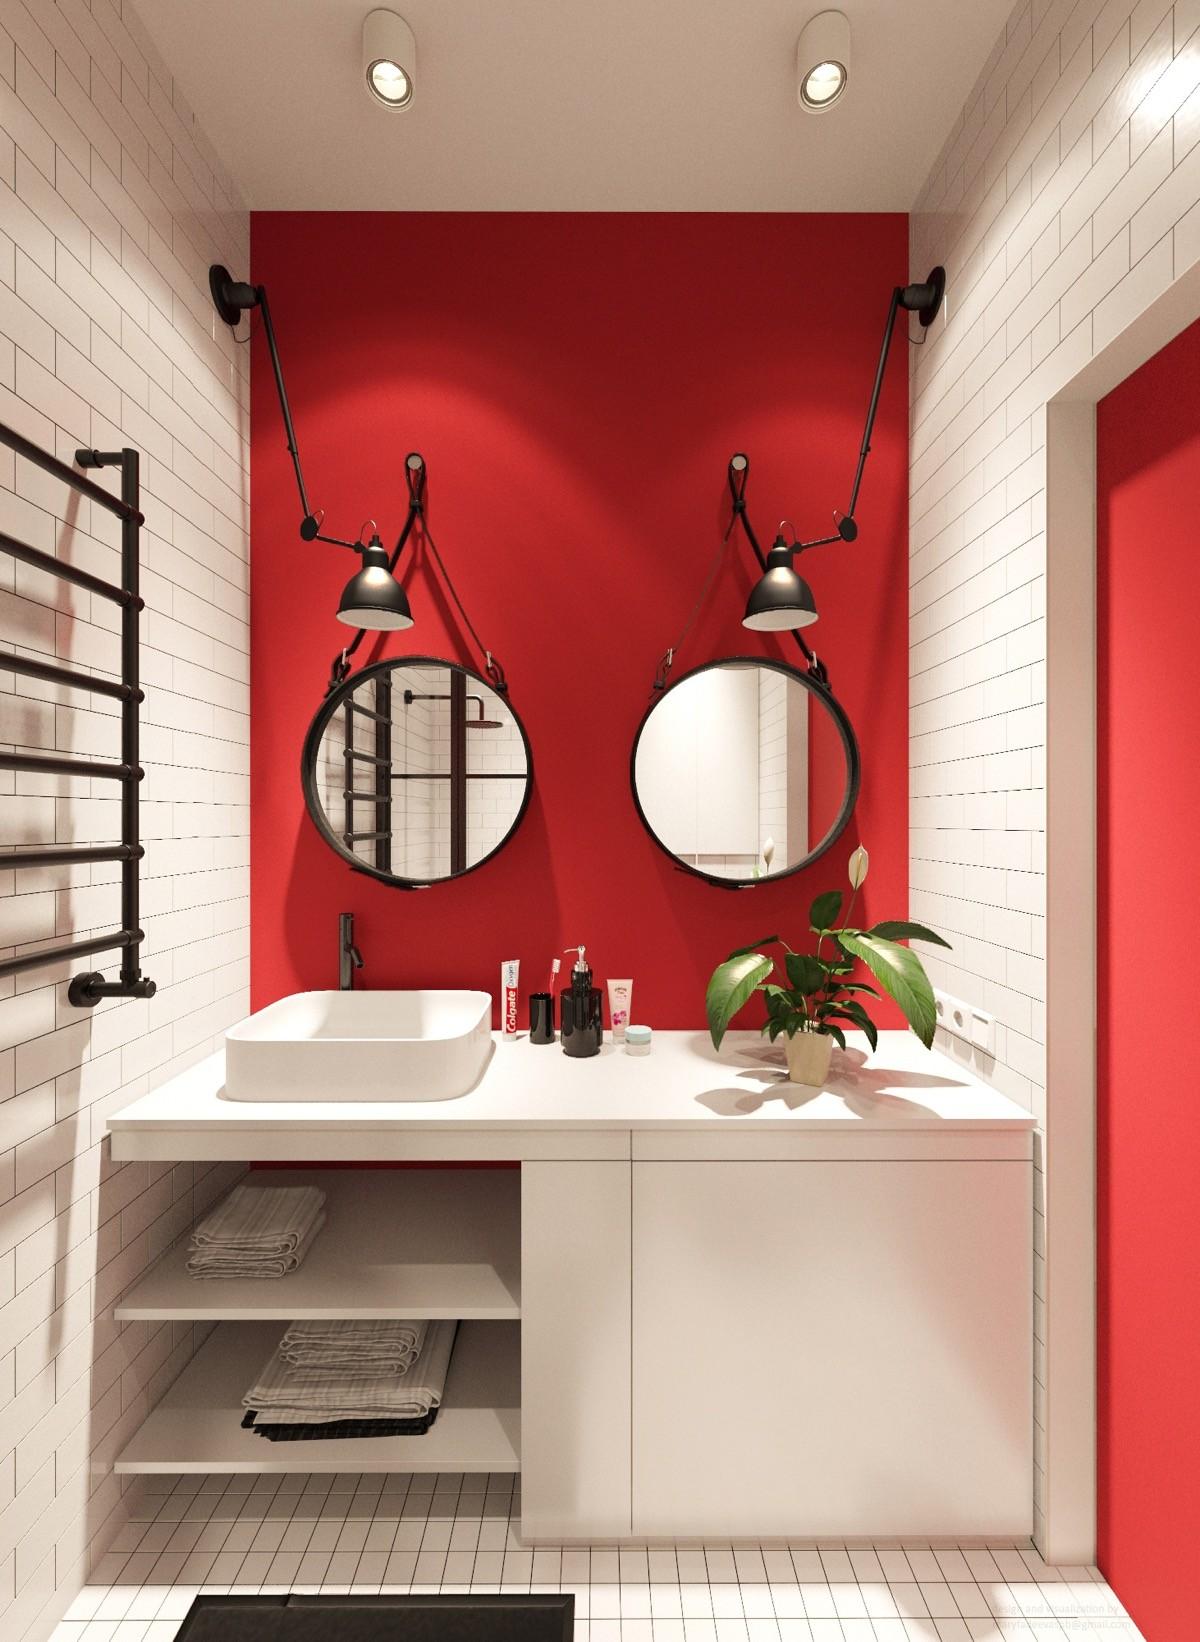 بالصور ديكور الحمام باللون الأحمر- الأحمر المطفي